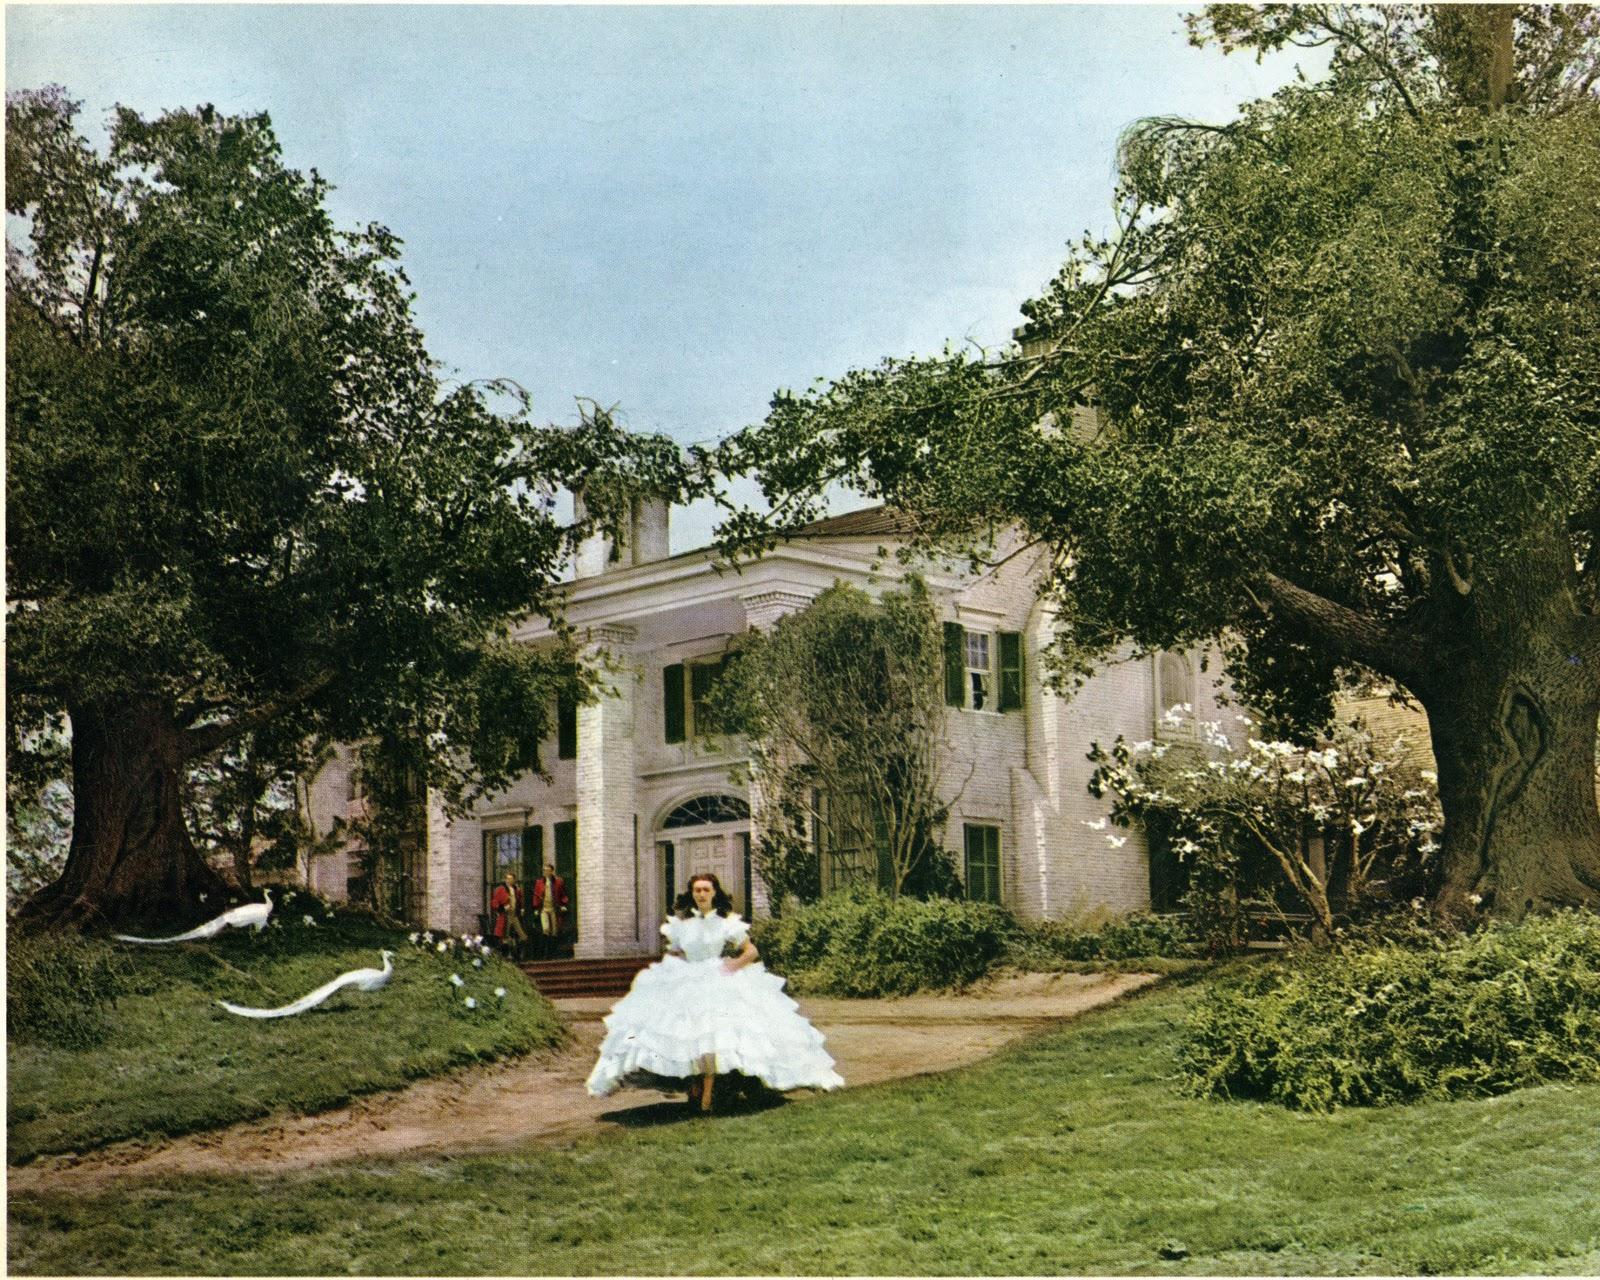 Via col vento l 39 iconica casa del celebre film nascosta in for Casa colonica coloniale